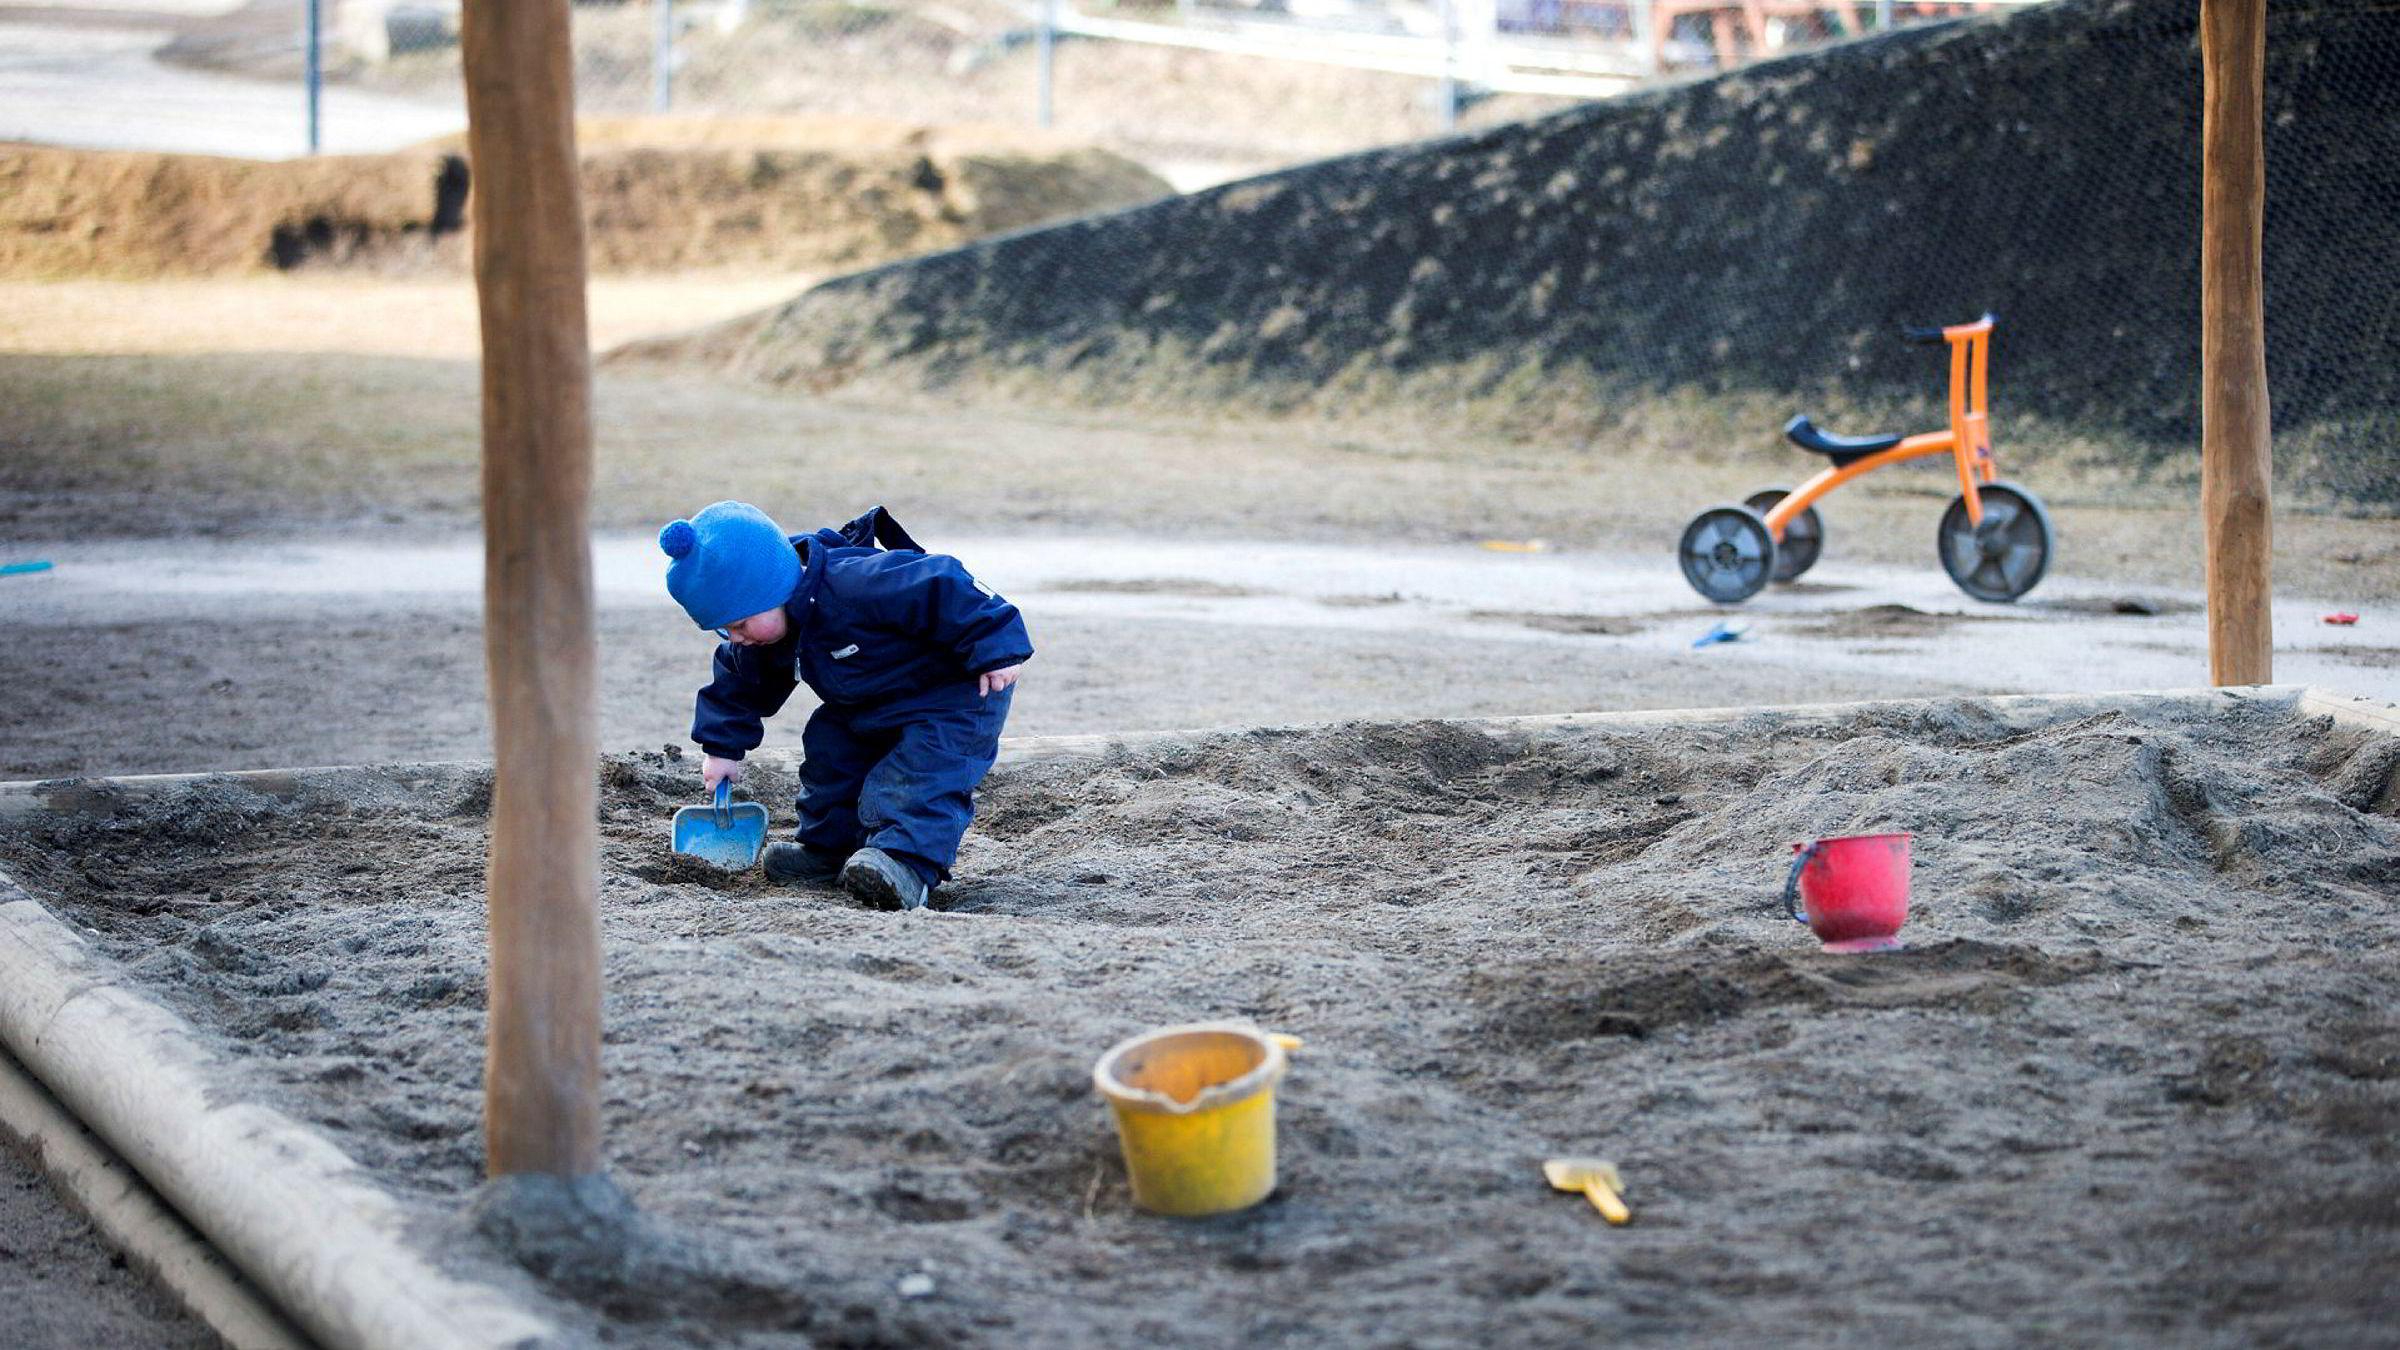 Er det virkelig en god idé å frata foreldre muligheten til å velge noe annet enn den kommunale barnehagen? skriver artikkelforfatteren.